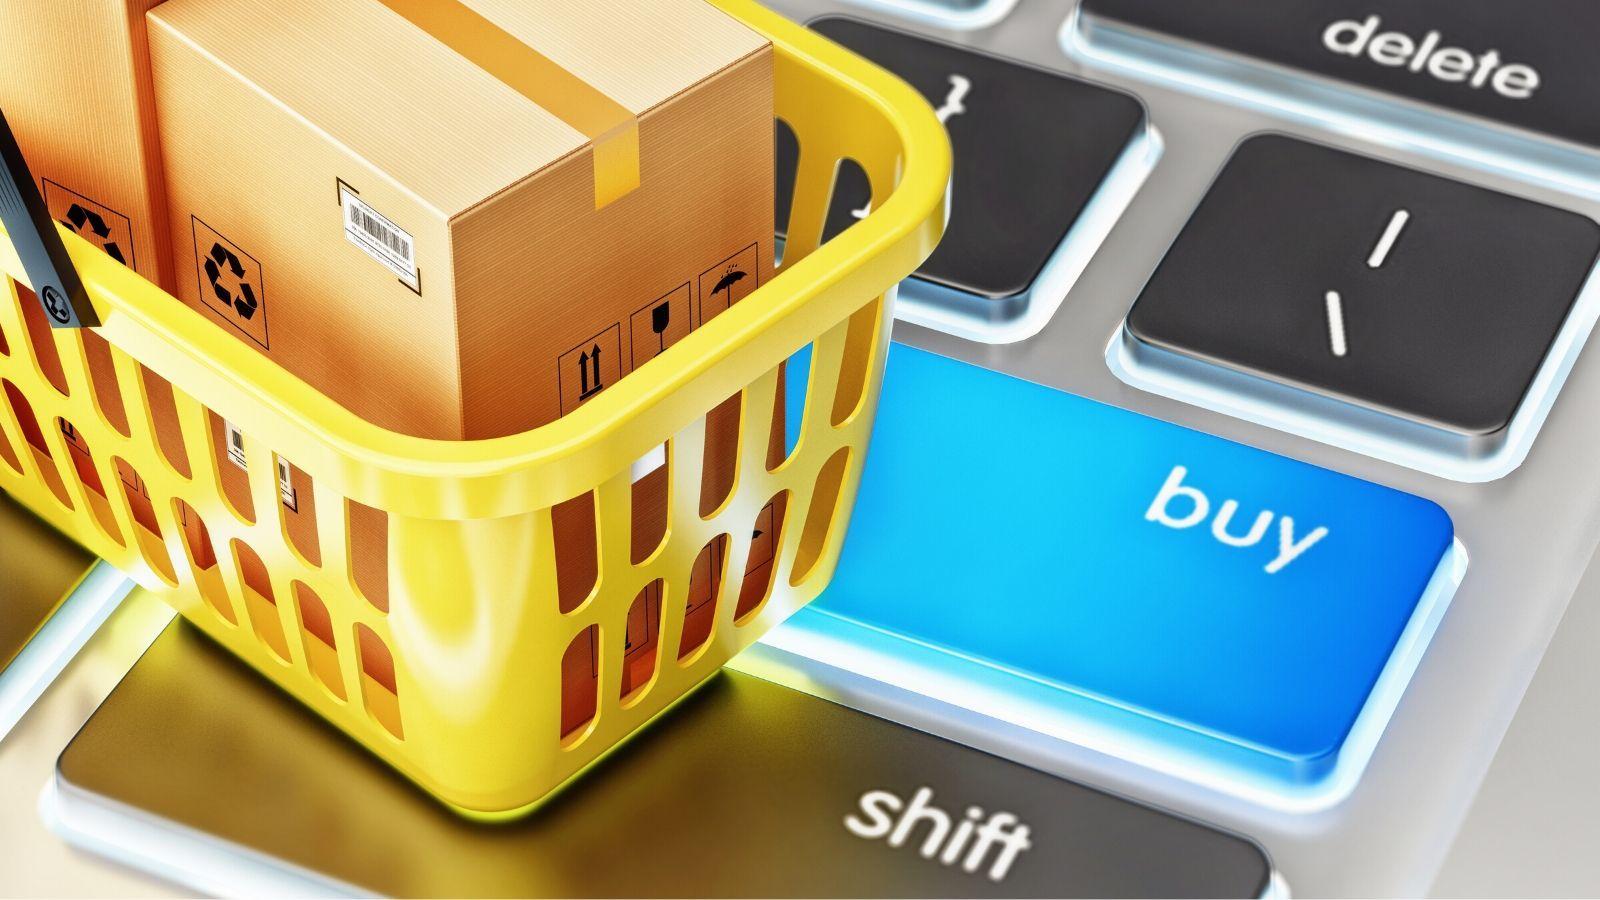 Δημιουργία και αναβάθμιση e-shop - Επιδότηση έως 5.000 ευρώ